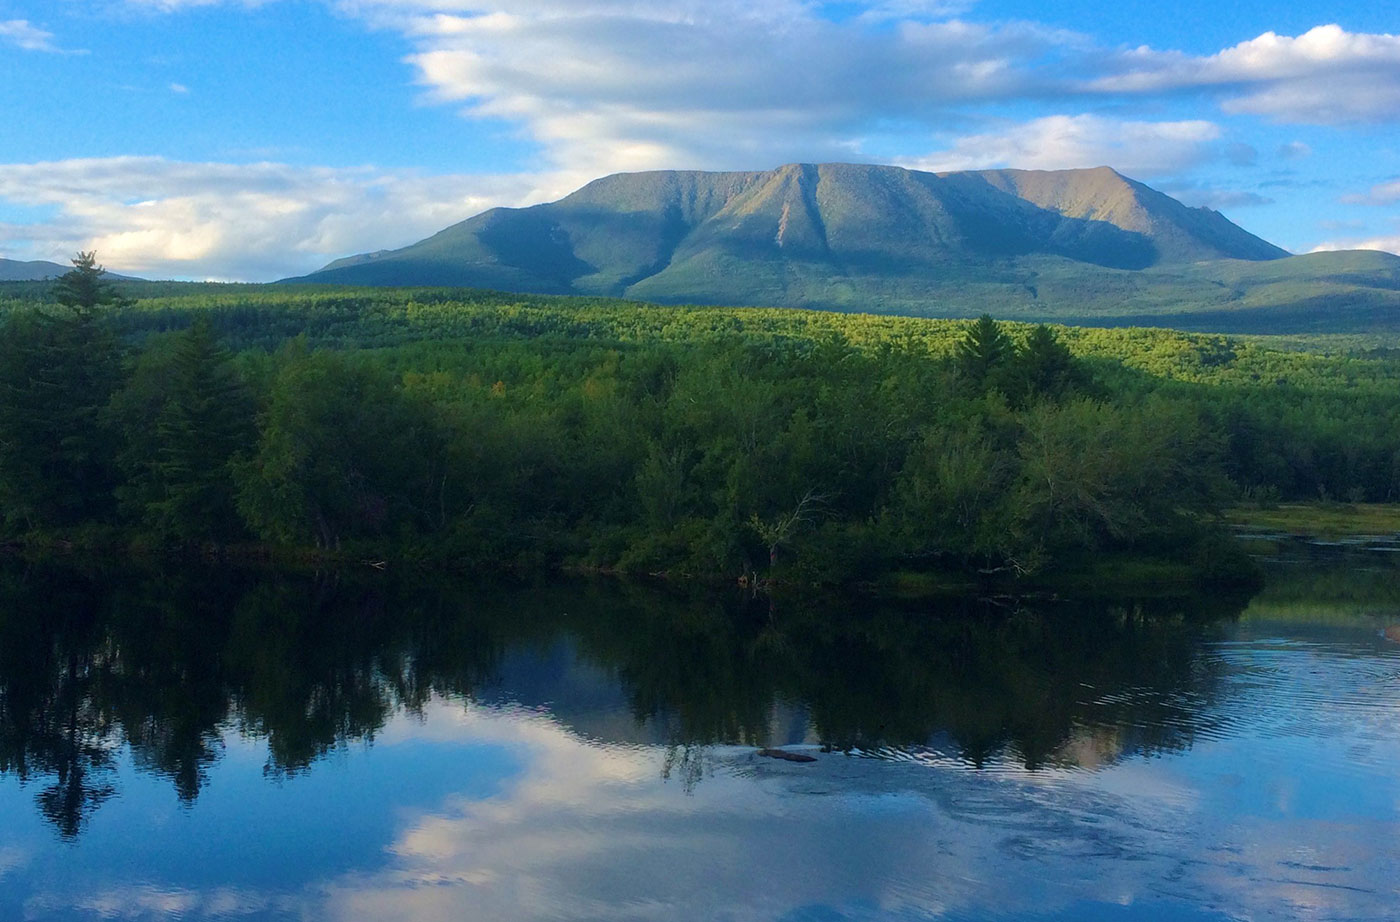 Mt Katahdin